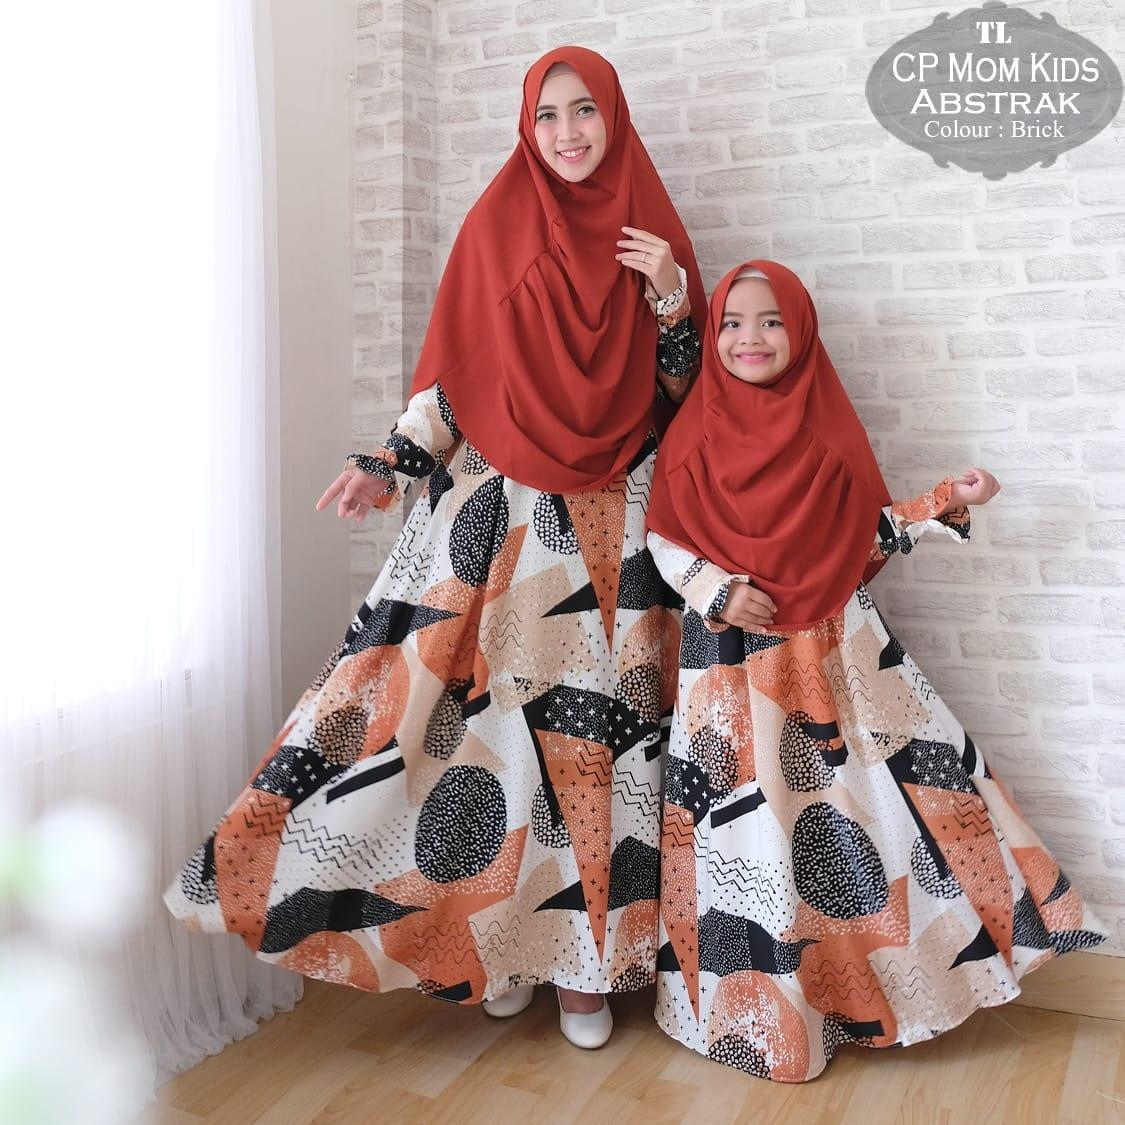 silentriver88 gamis muslim syar'i monalisa abstrak ibu dan anak. couple